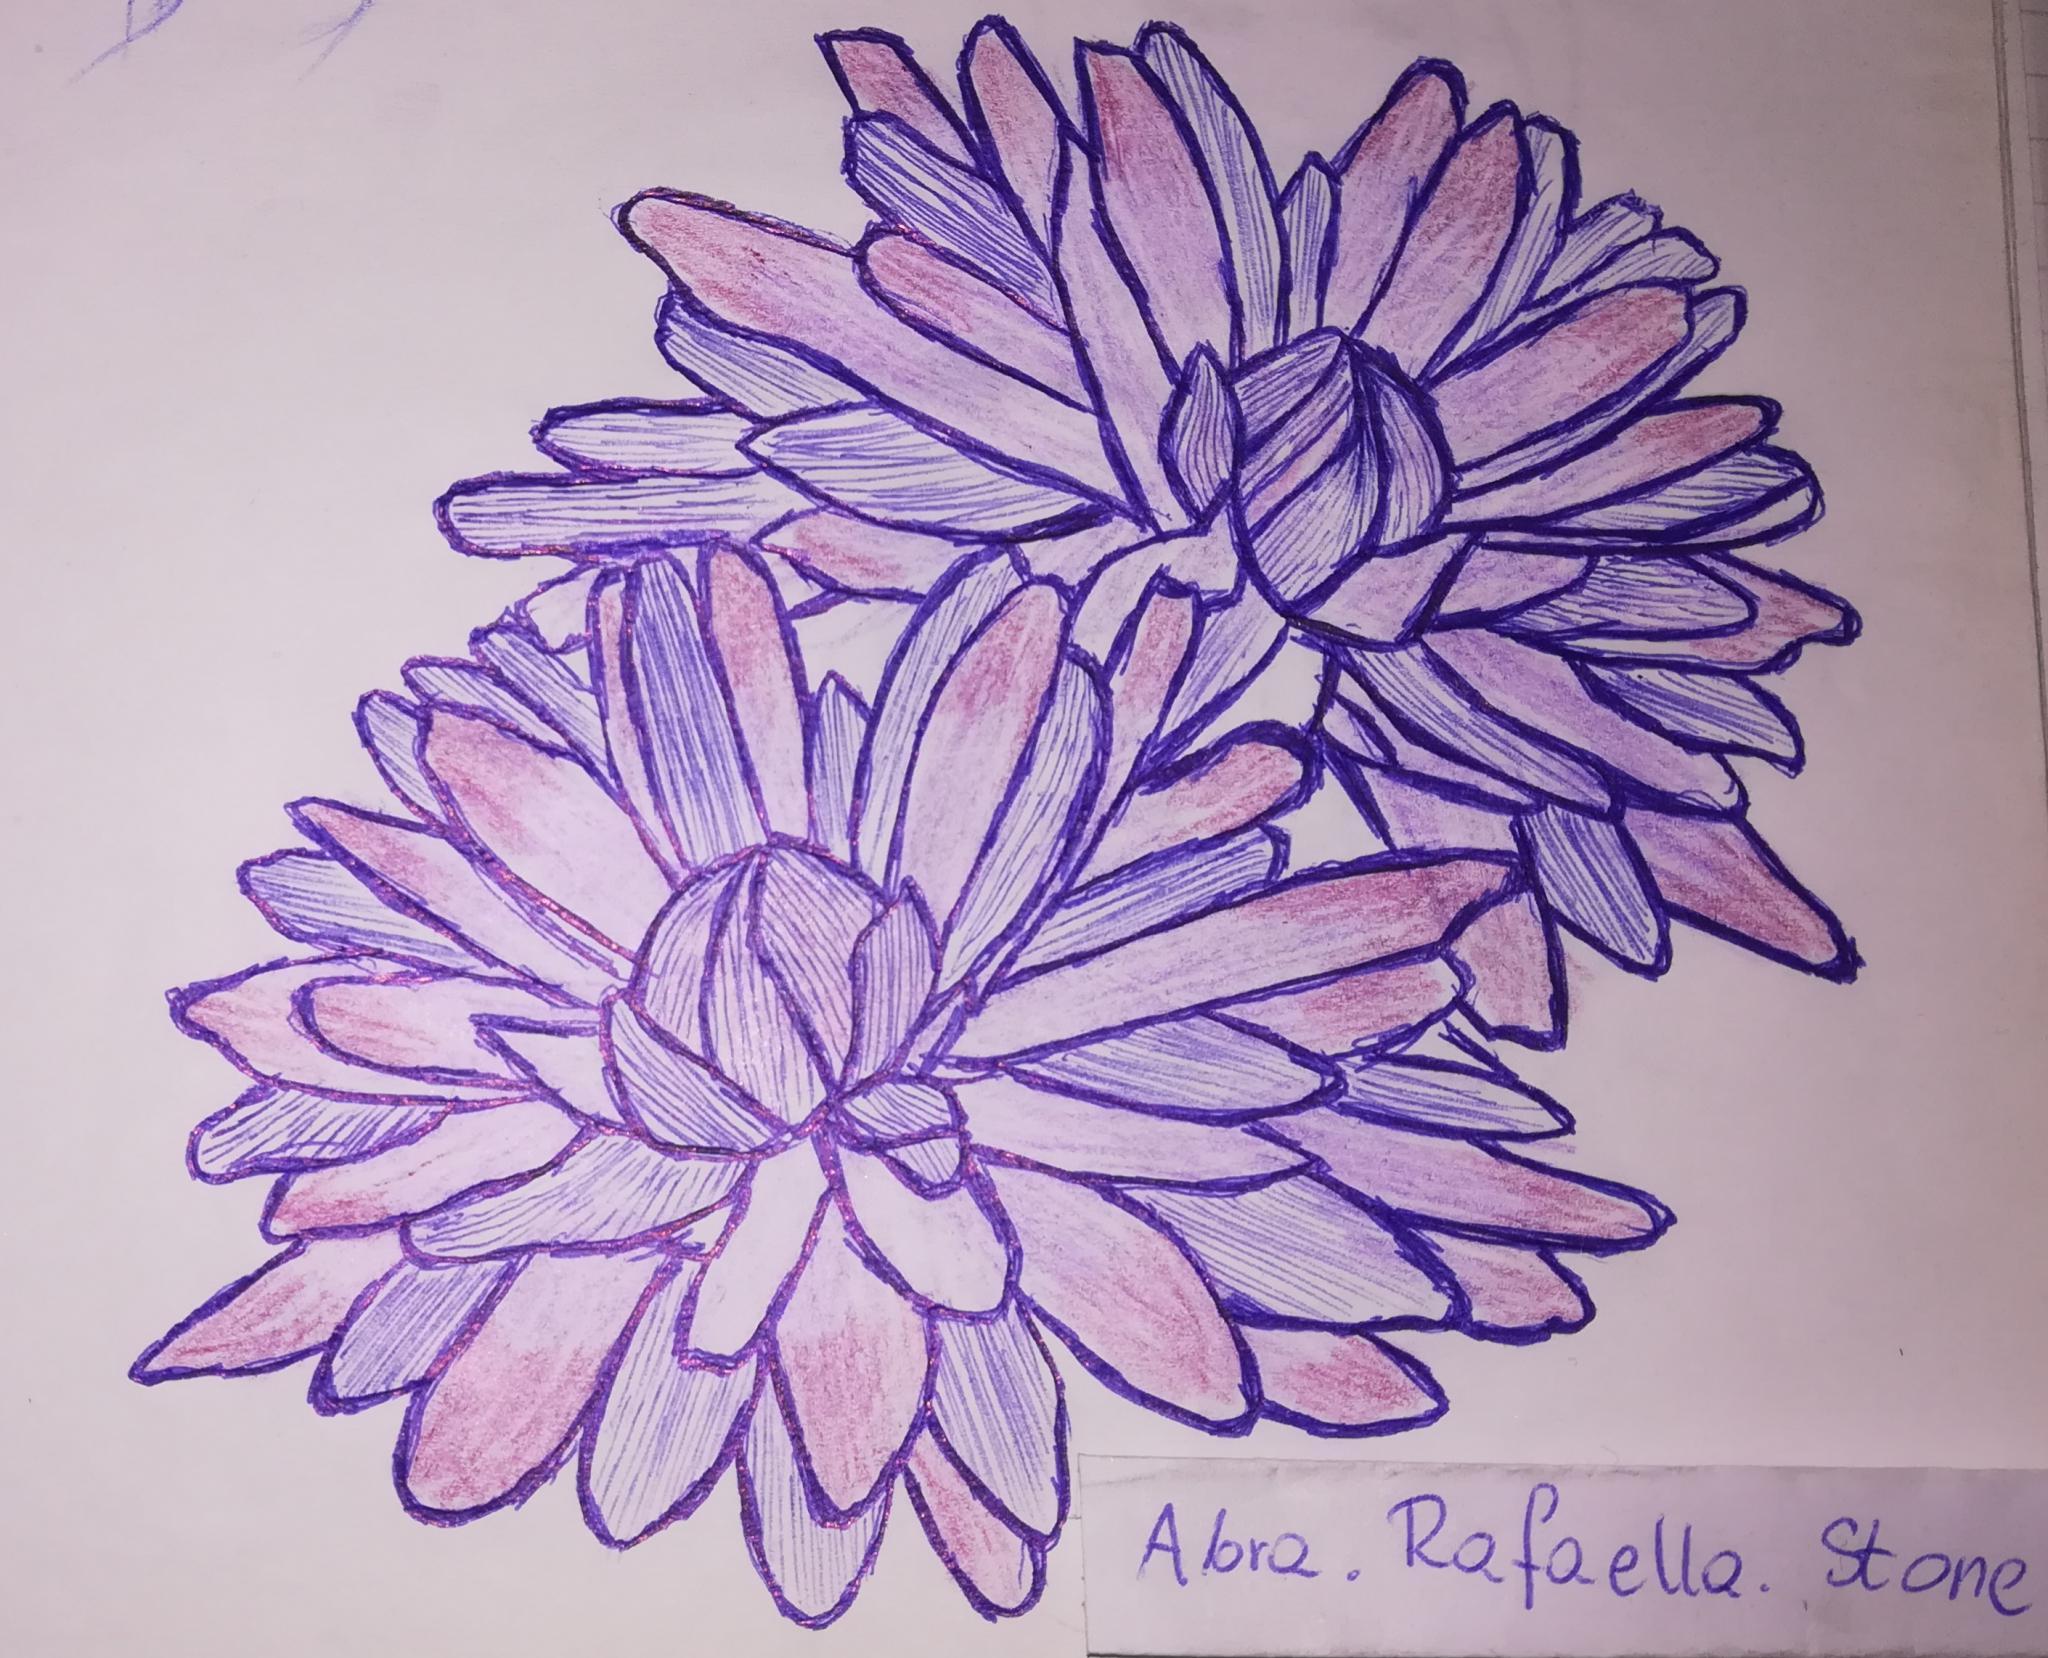 Zdjęcie użytkownika AbraRafaellaStone w temacie Jaki macie styl rysowania?